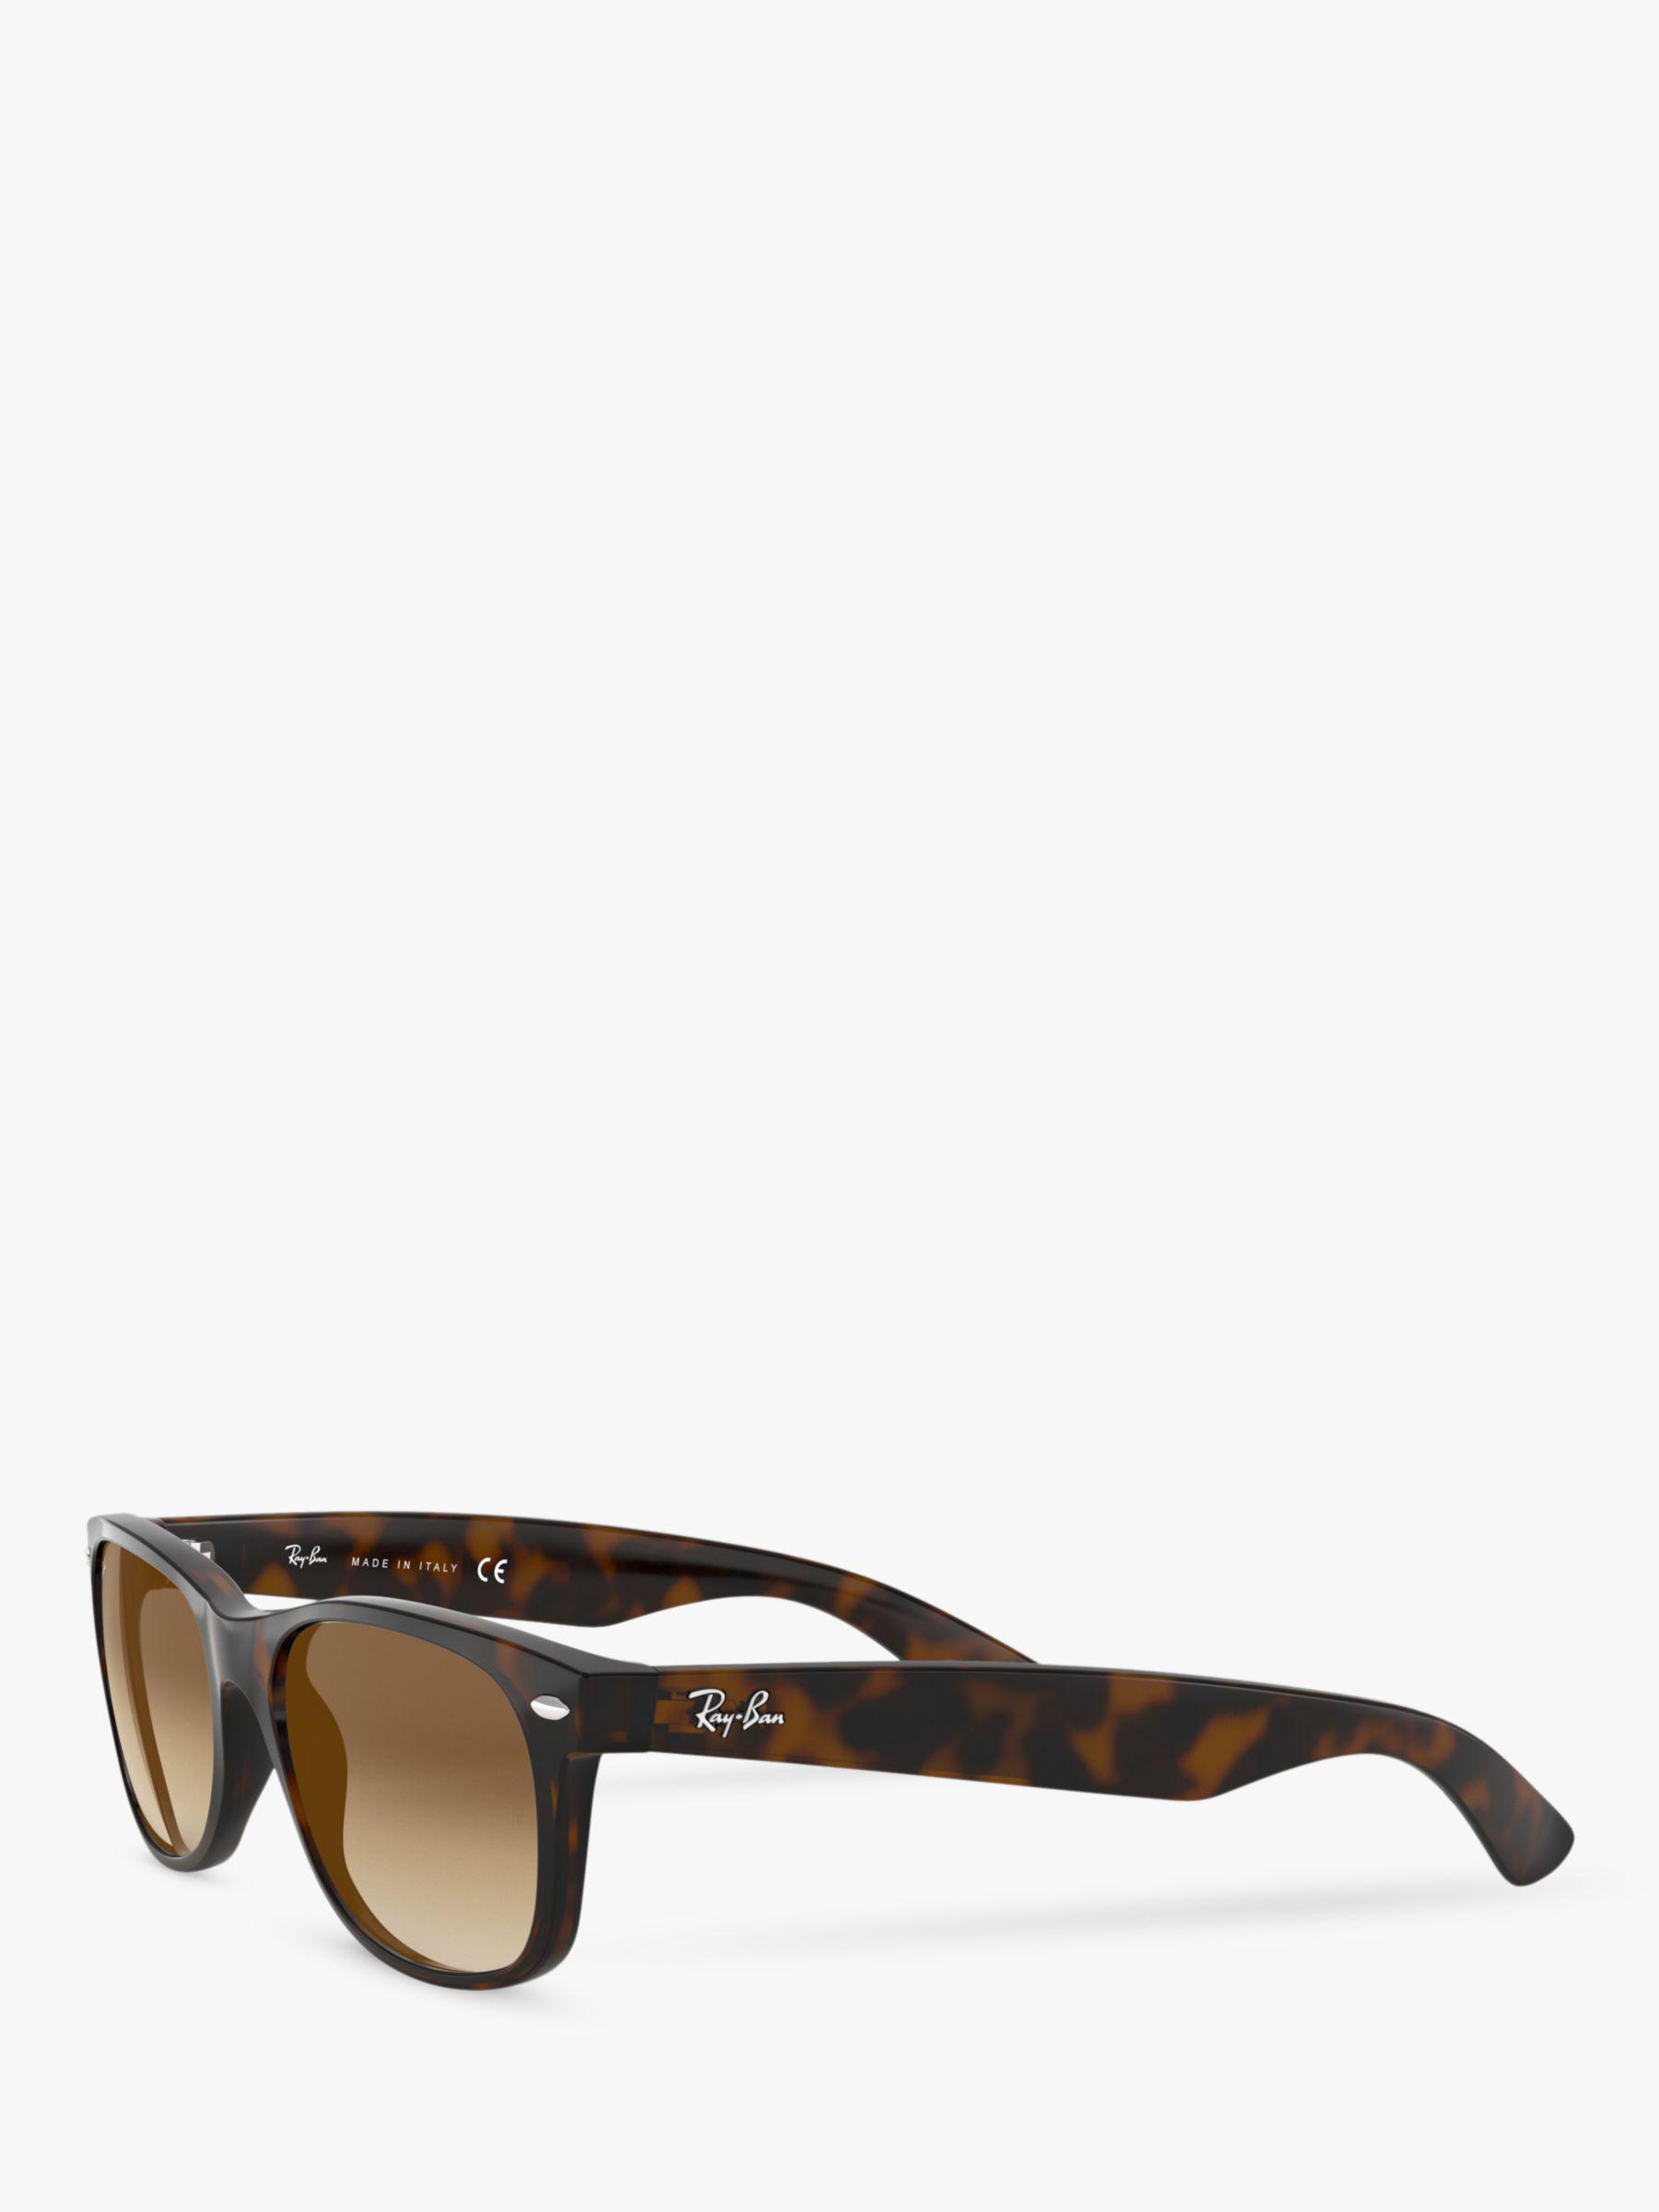 d0e193d572 Ray-Ban Rb2132 Men s New Wayfarer Square Sunglasses for Men - Lyst